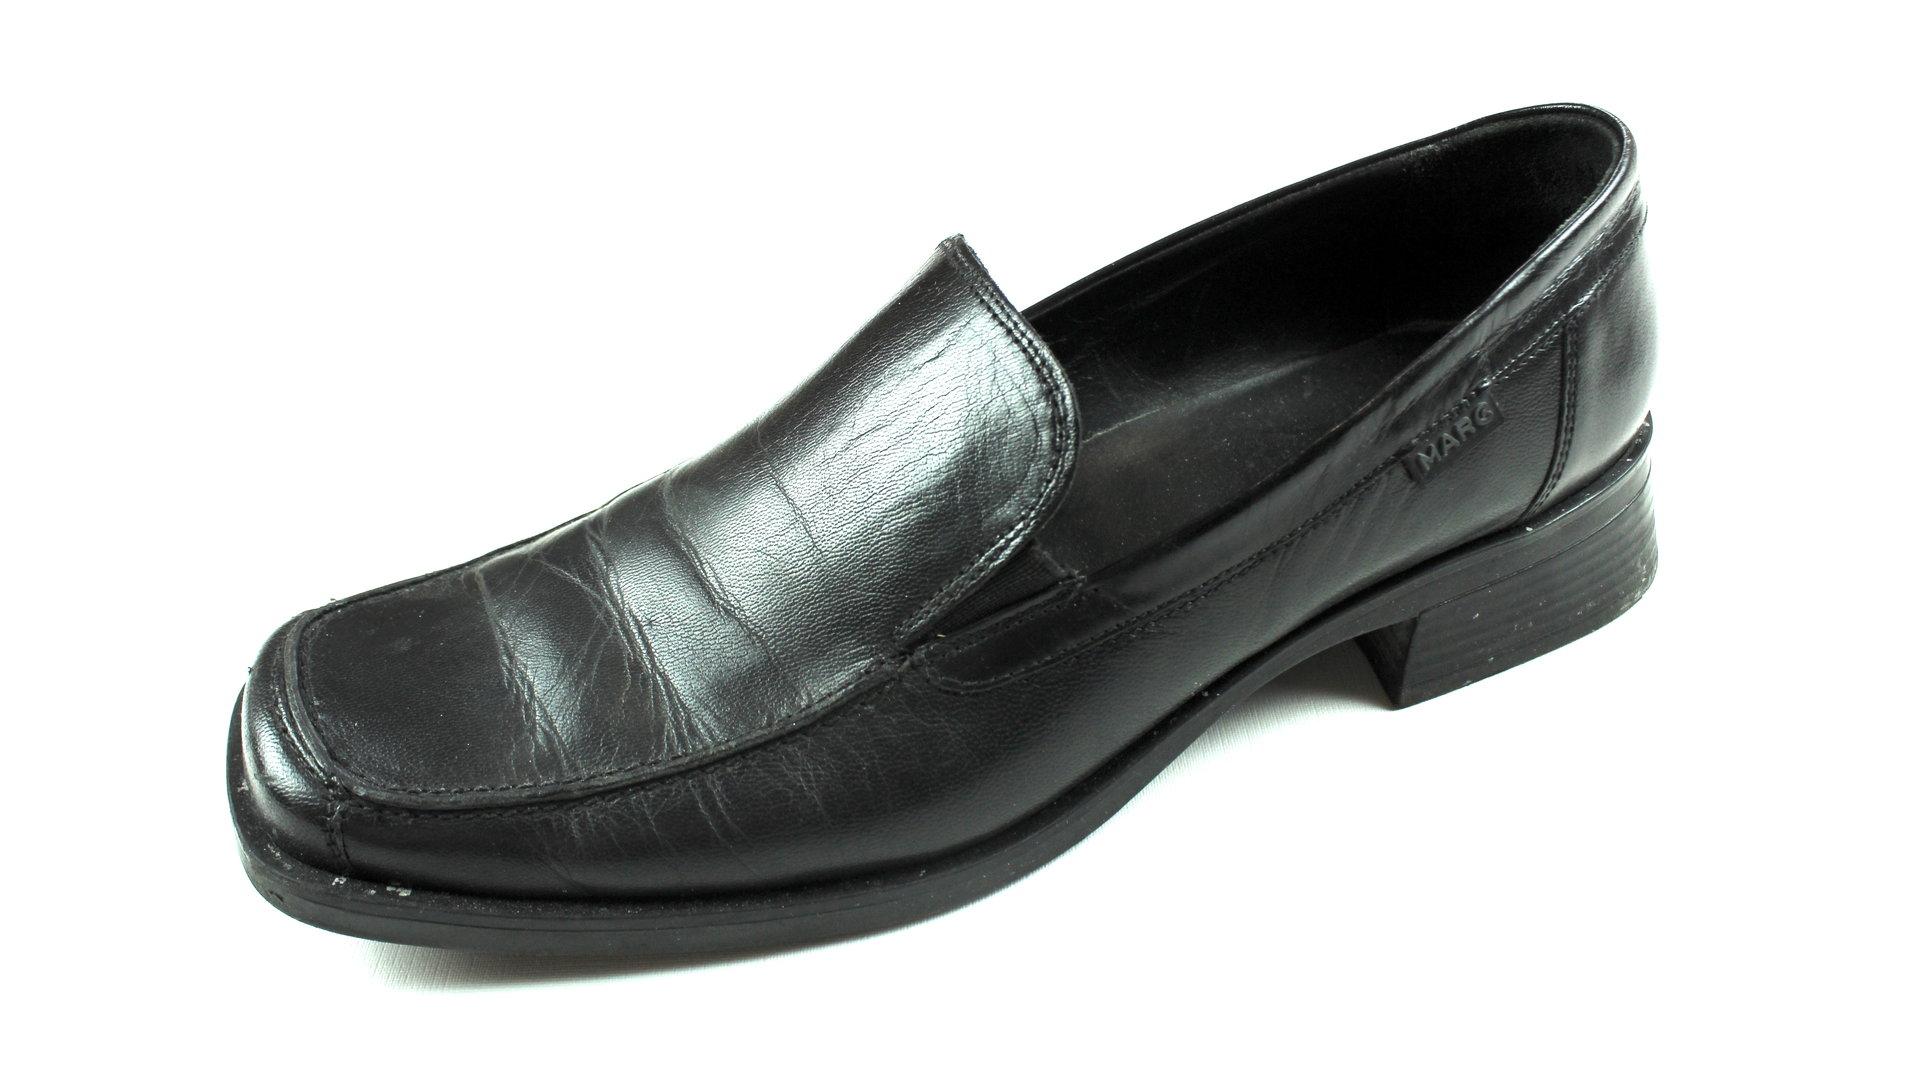 33bbf3ef7fdac MARC Slipper Halb Schuhe schwarz Übergröße 43